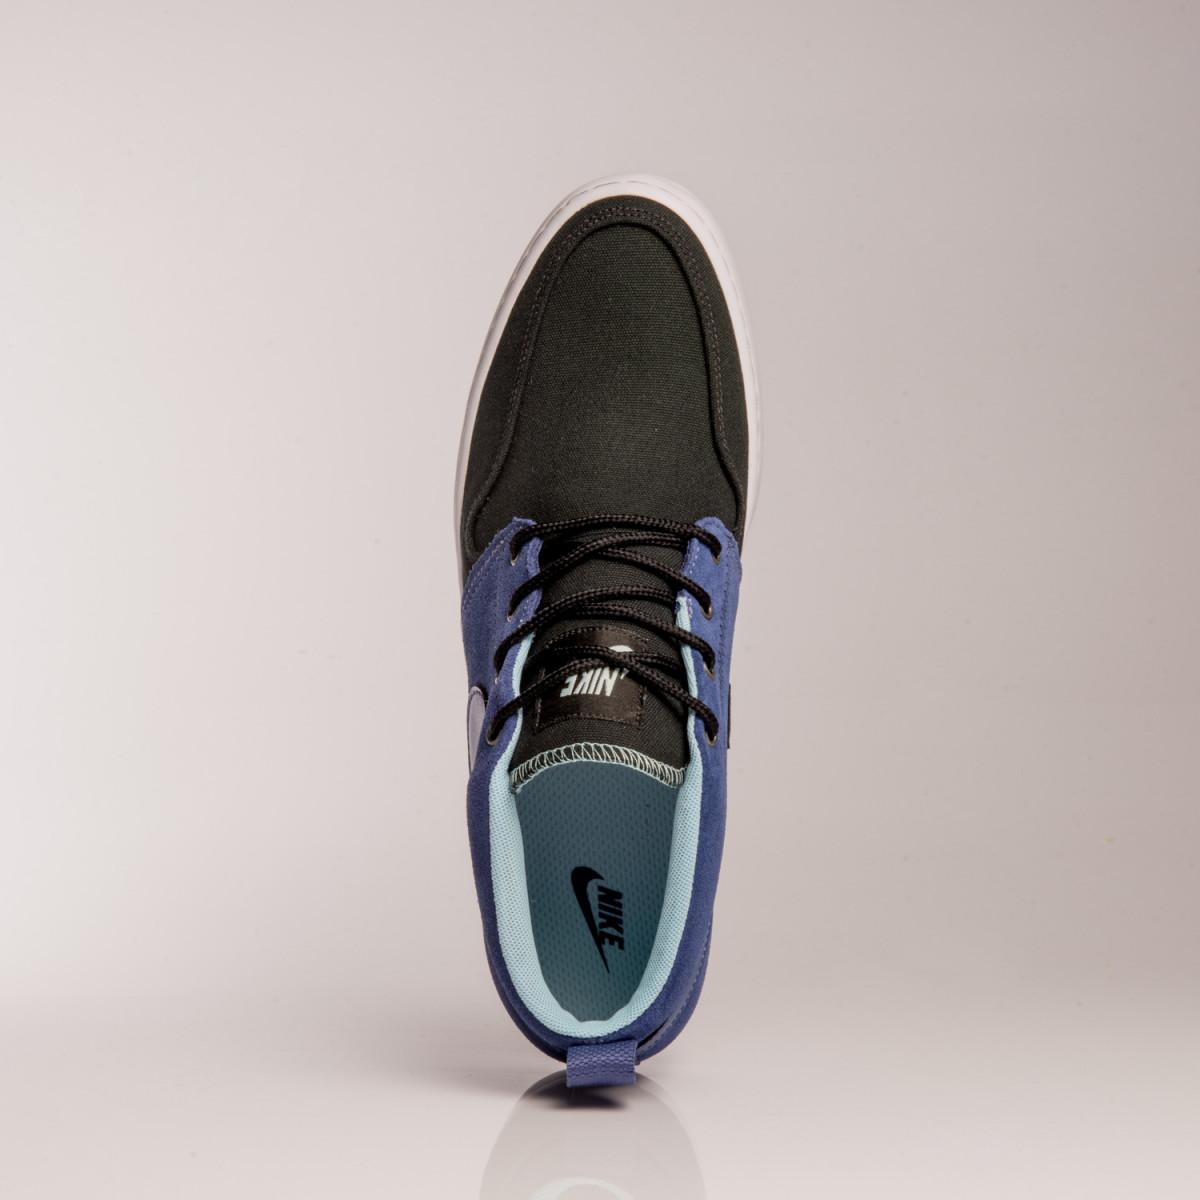 zapatillas nike wardour chukka azul